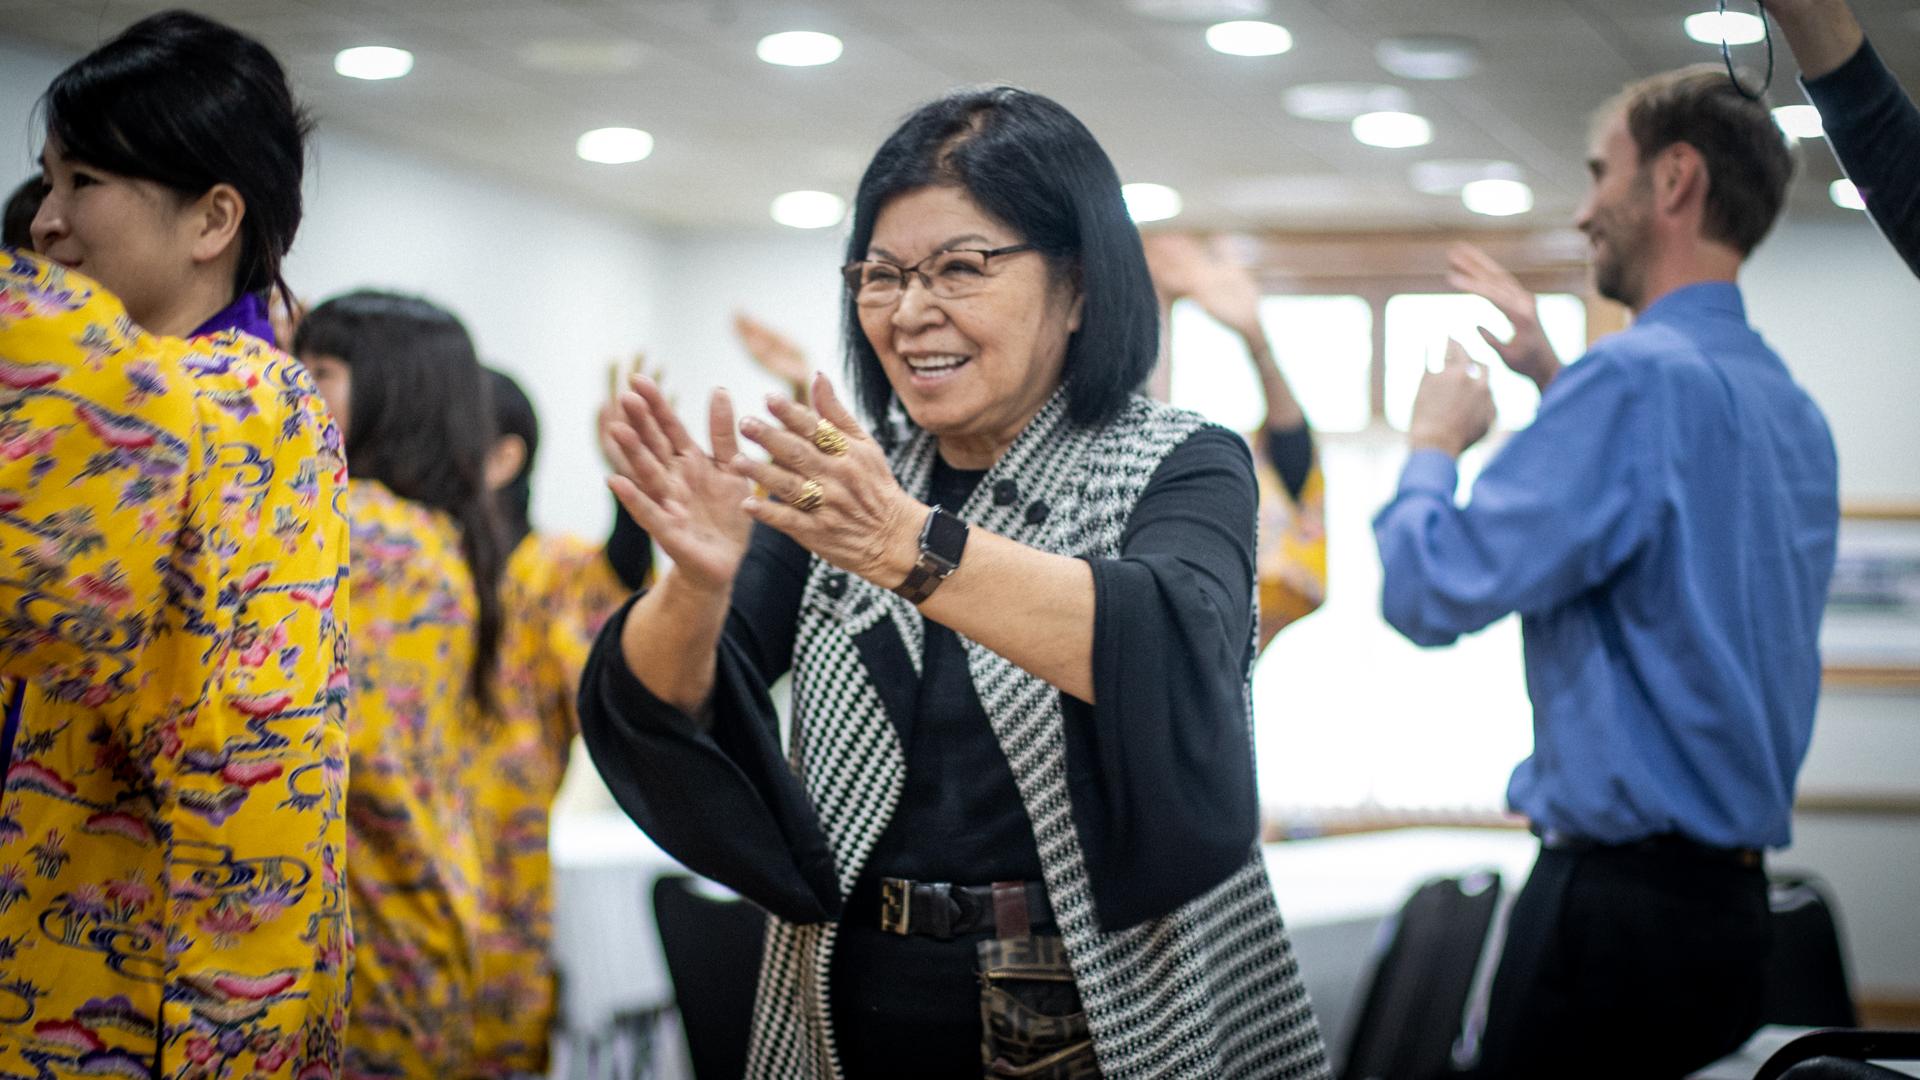 Naoko Clark